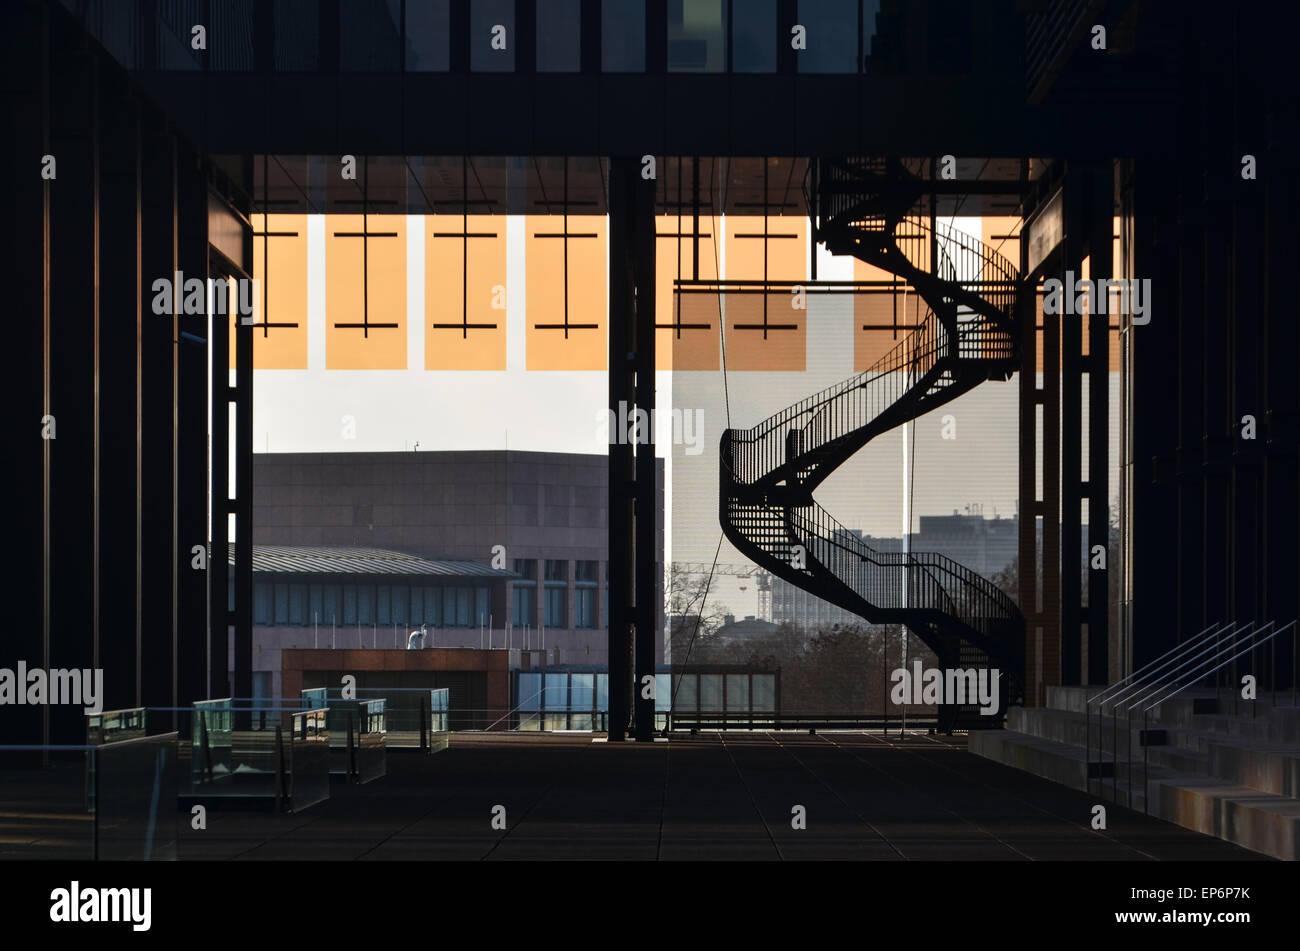 Architettura della Corte di giustizia dell'Unione europea, nel quartiere europeo, Kirchberg, Lussemburgo Immagini Stock